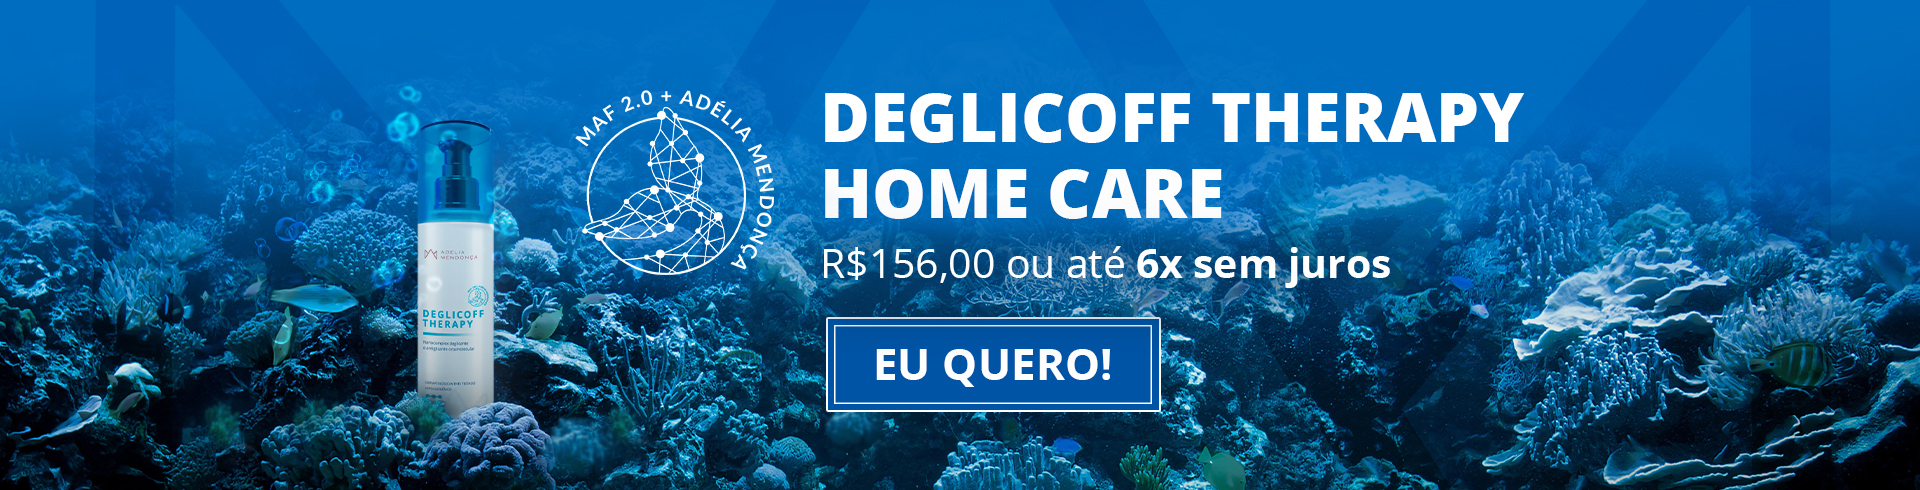 DeglicOFF